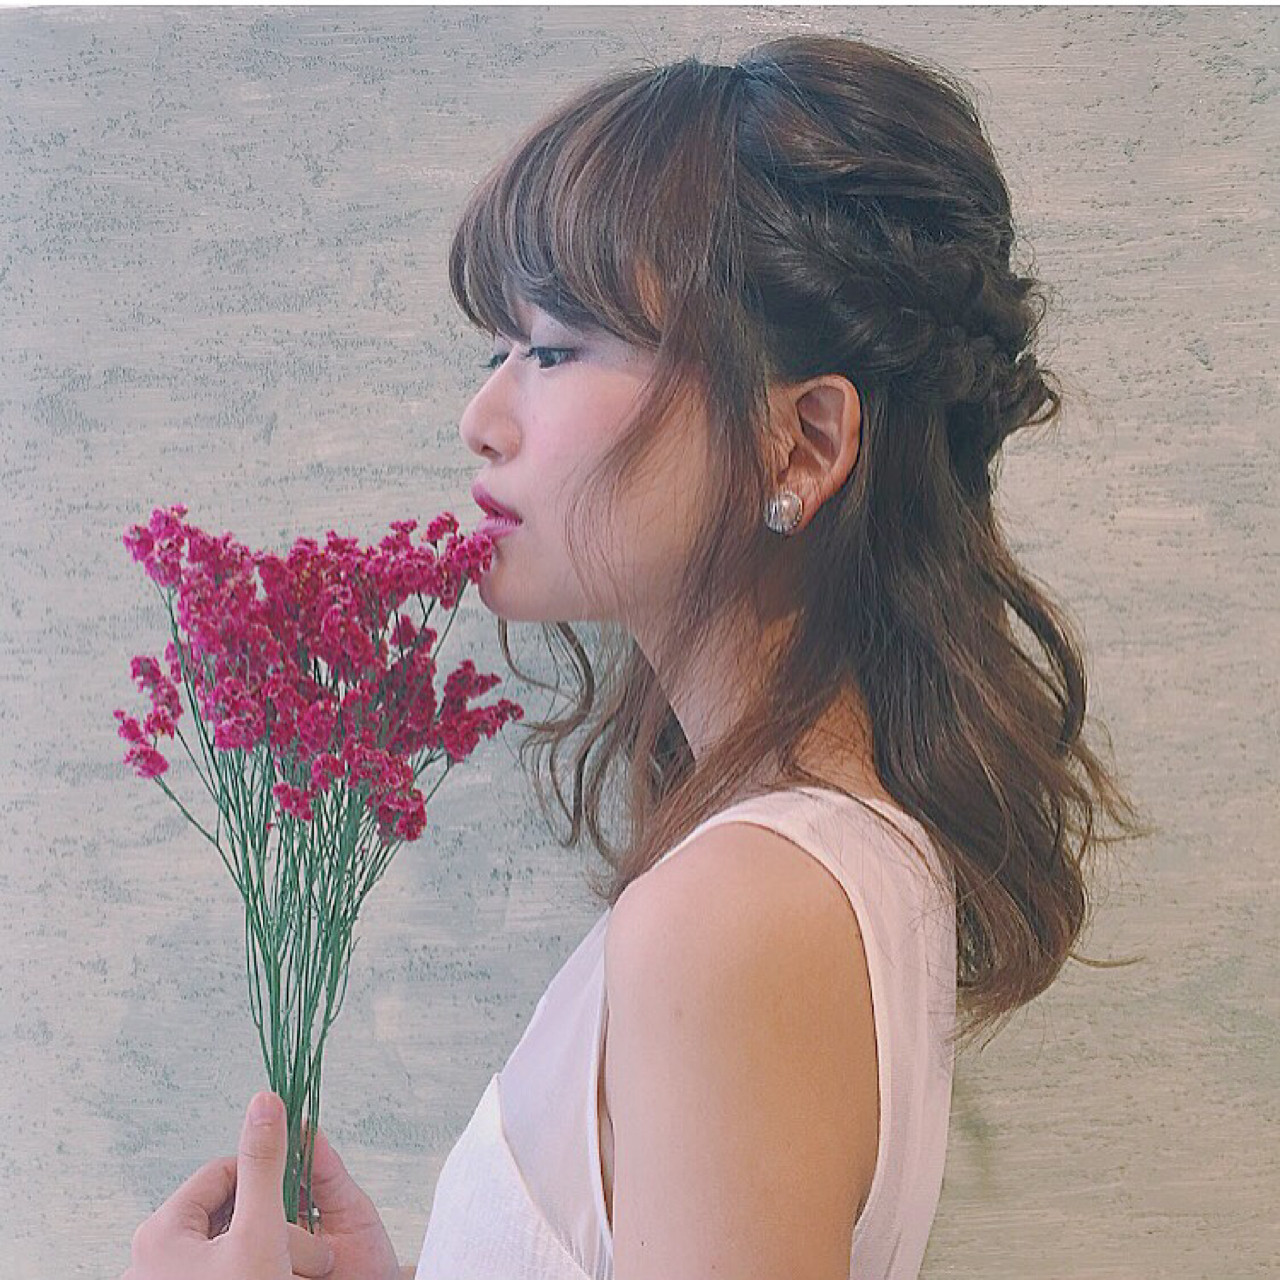 【ミディアム向け】どんなシーンでも使える大人かわいいまとめ髪特集 Chihiro Hayakawa